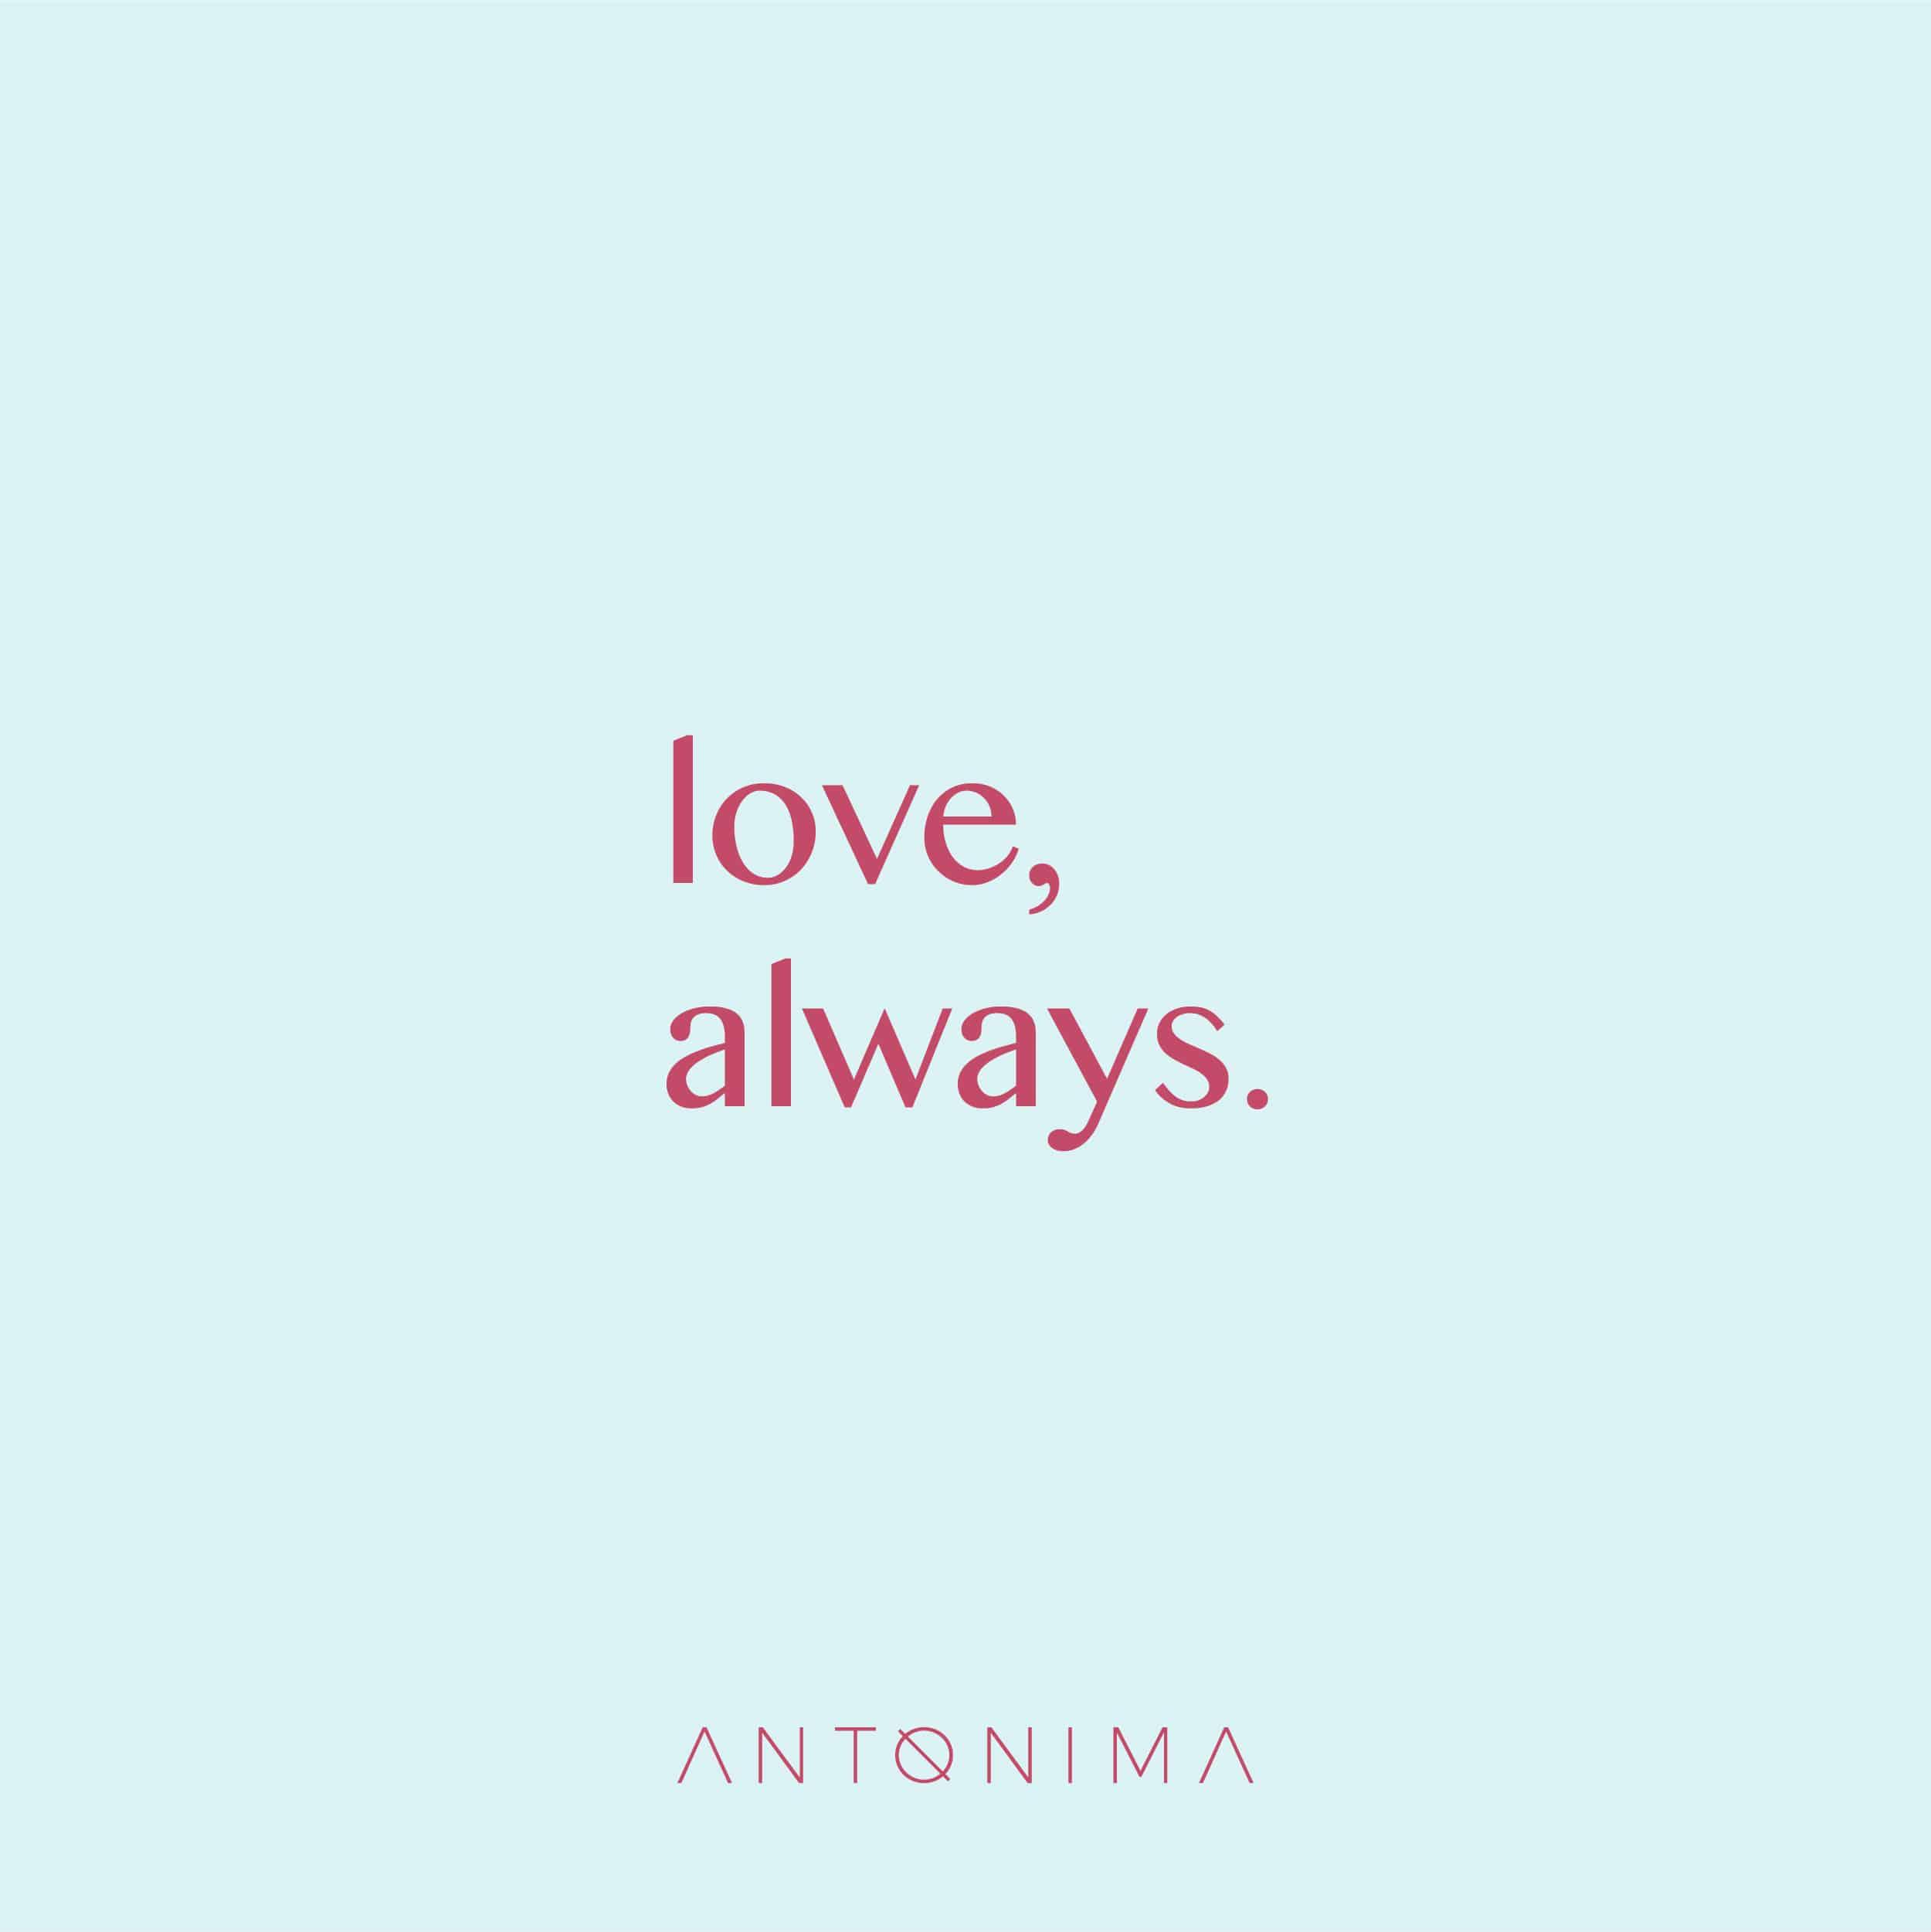 Antonima-03